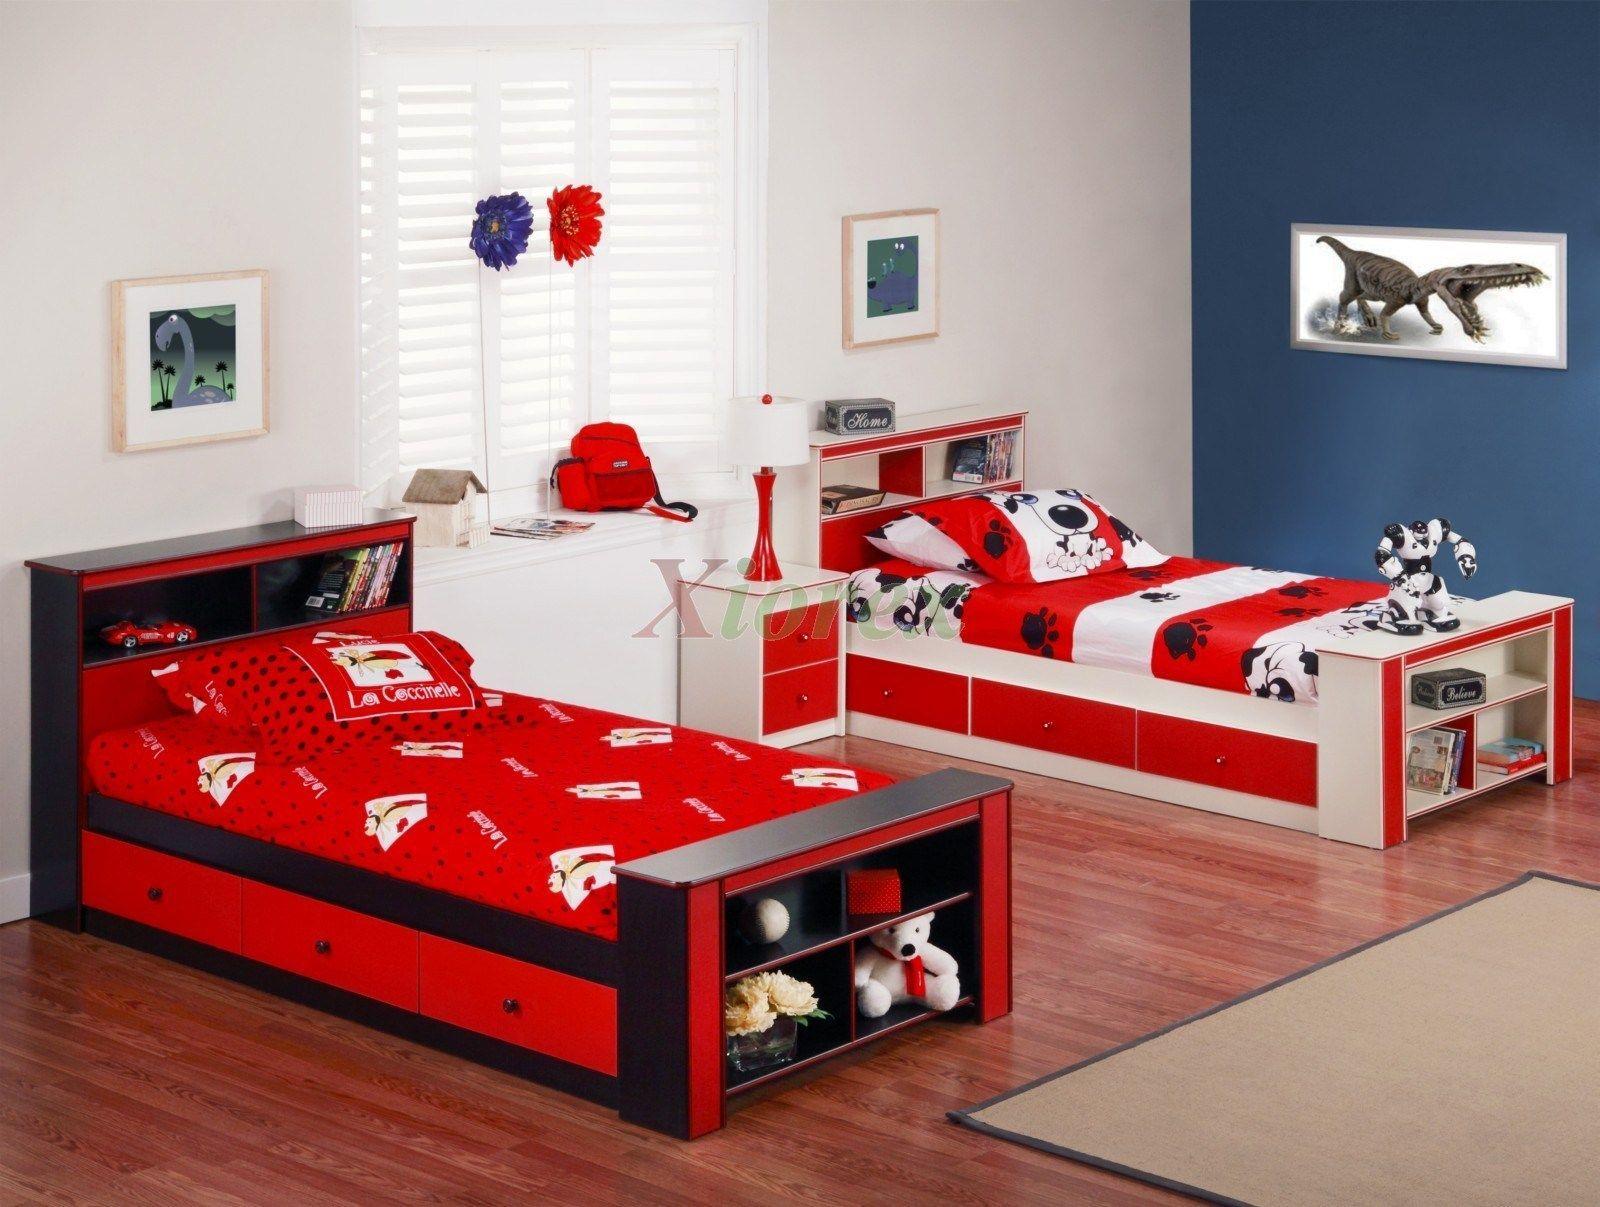 twin bedroom sets ikea – dealernissanjakarta.co